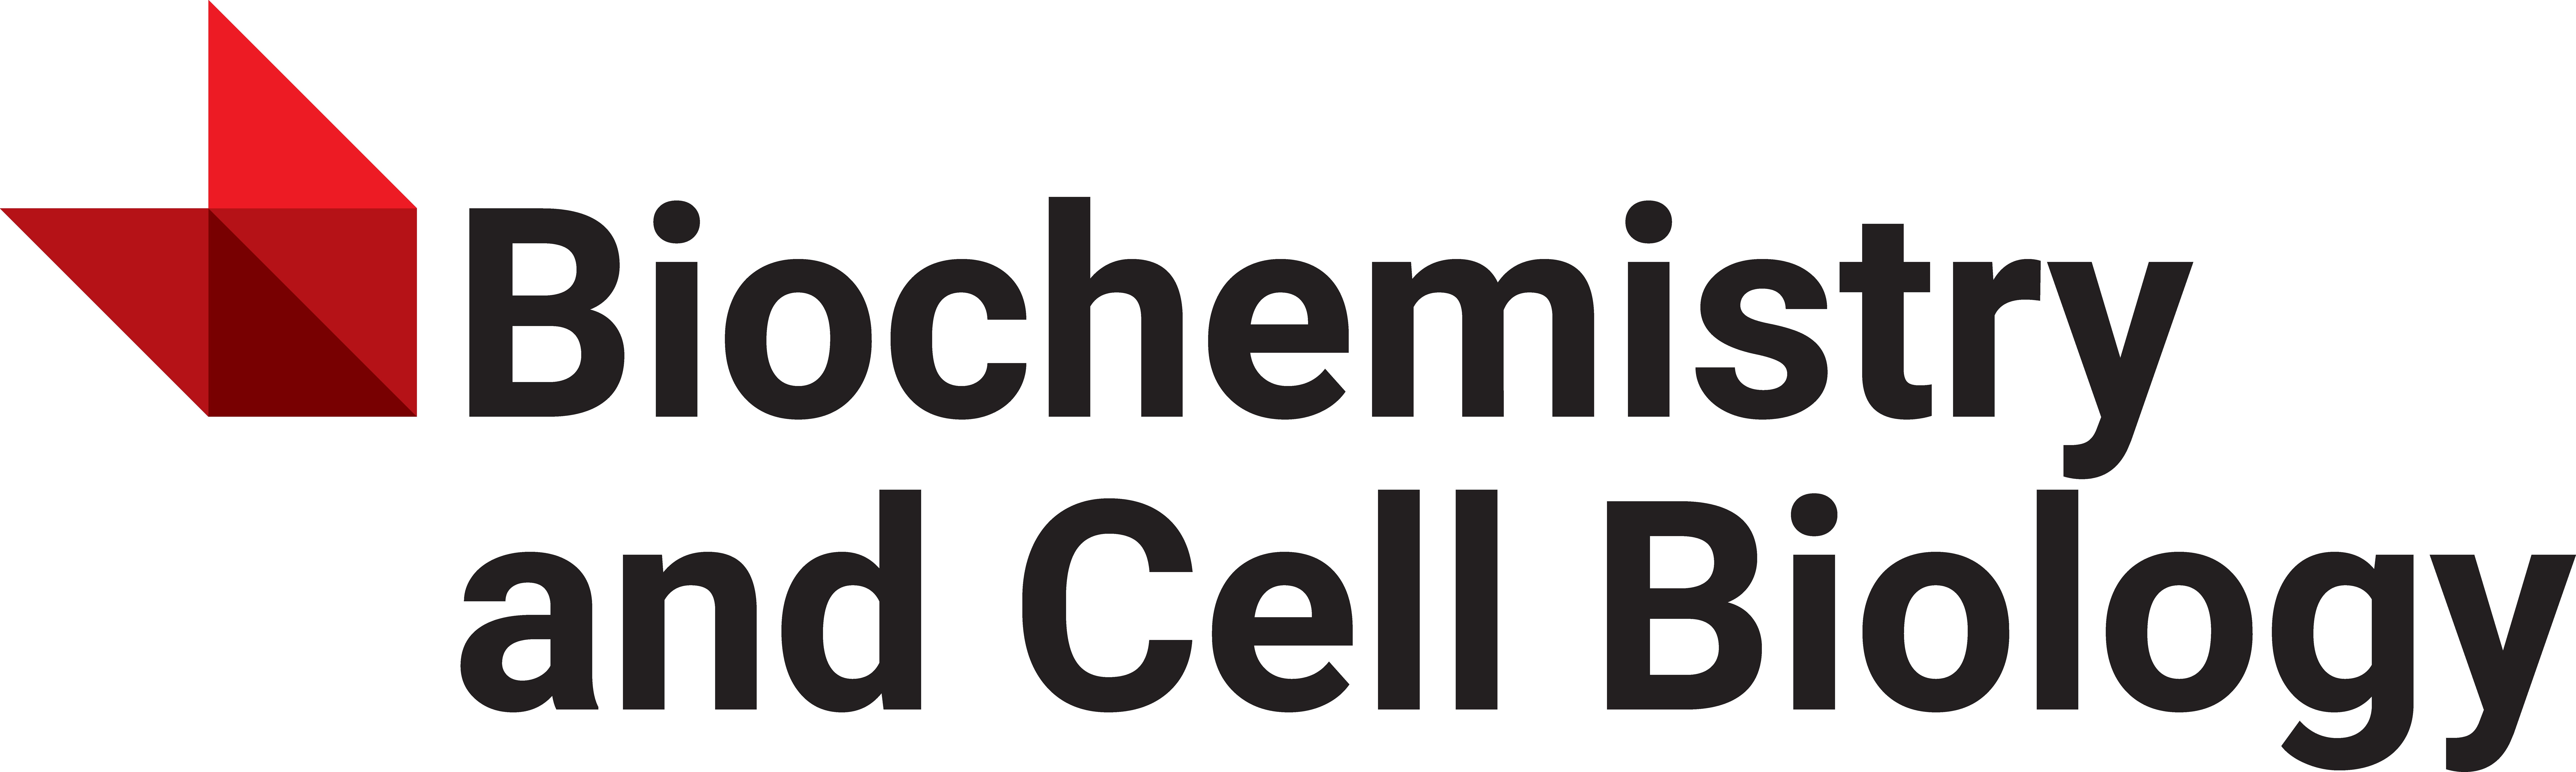 CSP_Journal_Logo_Biochemistry_RGB